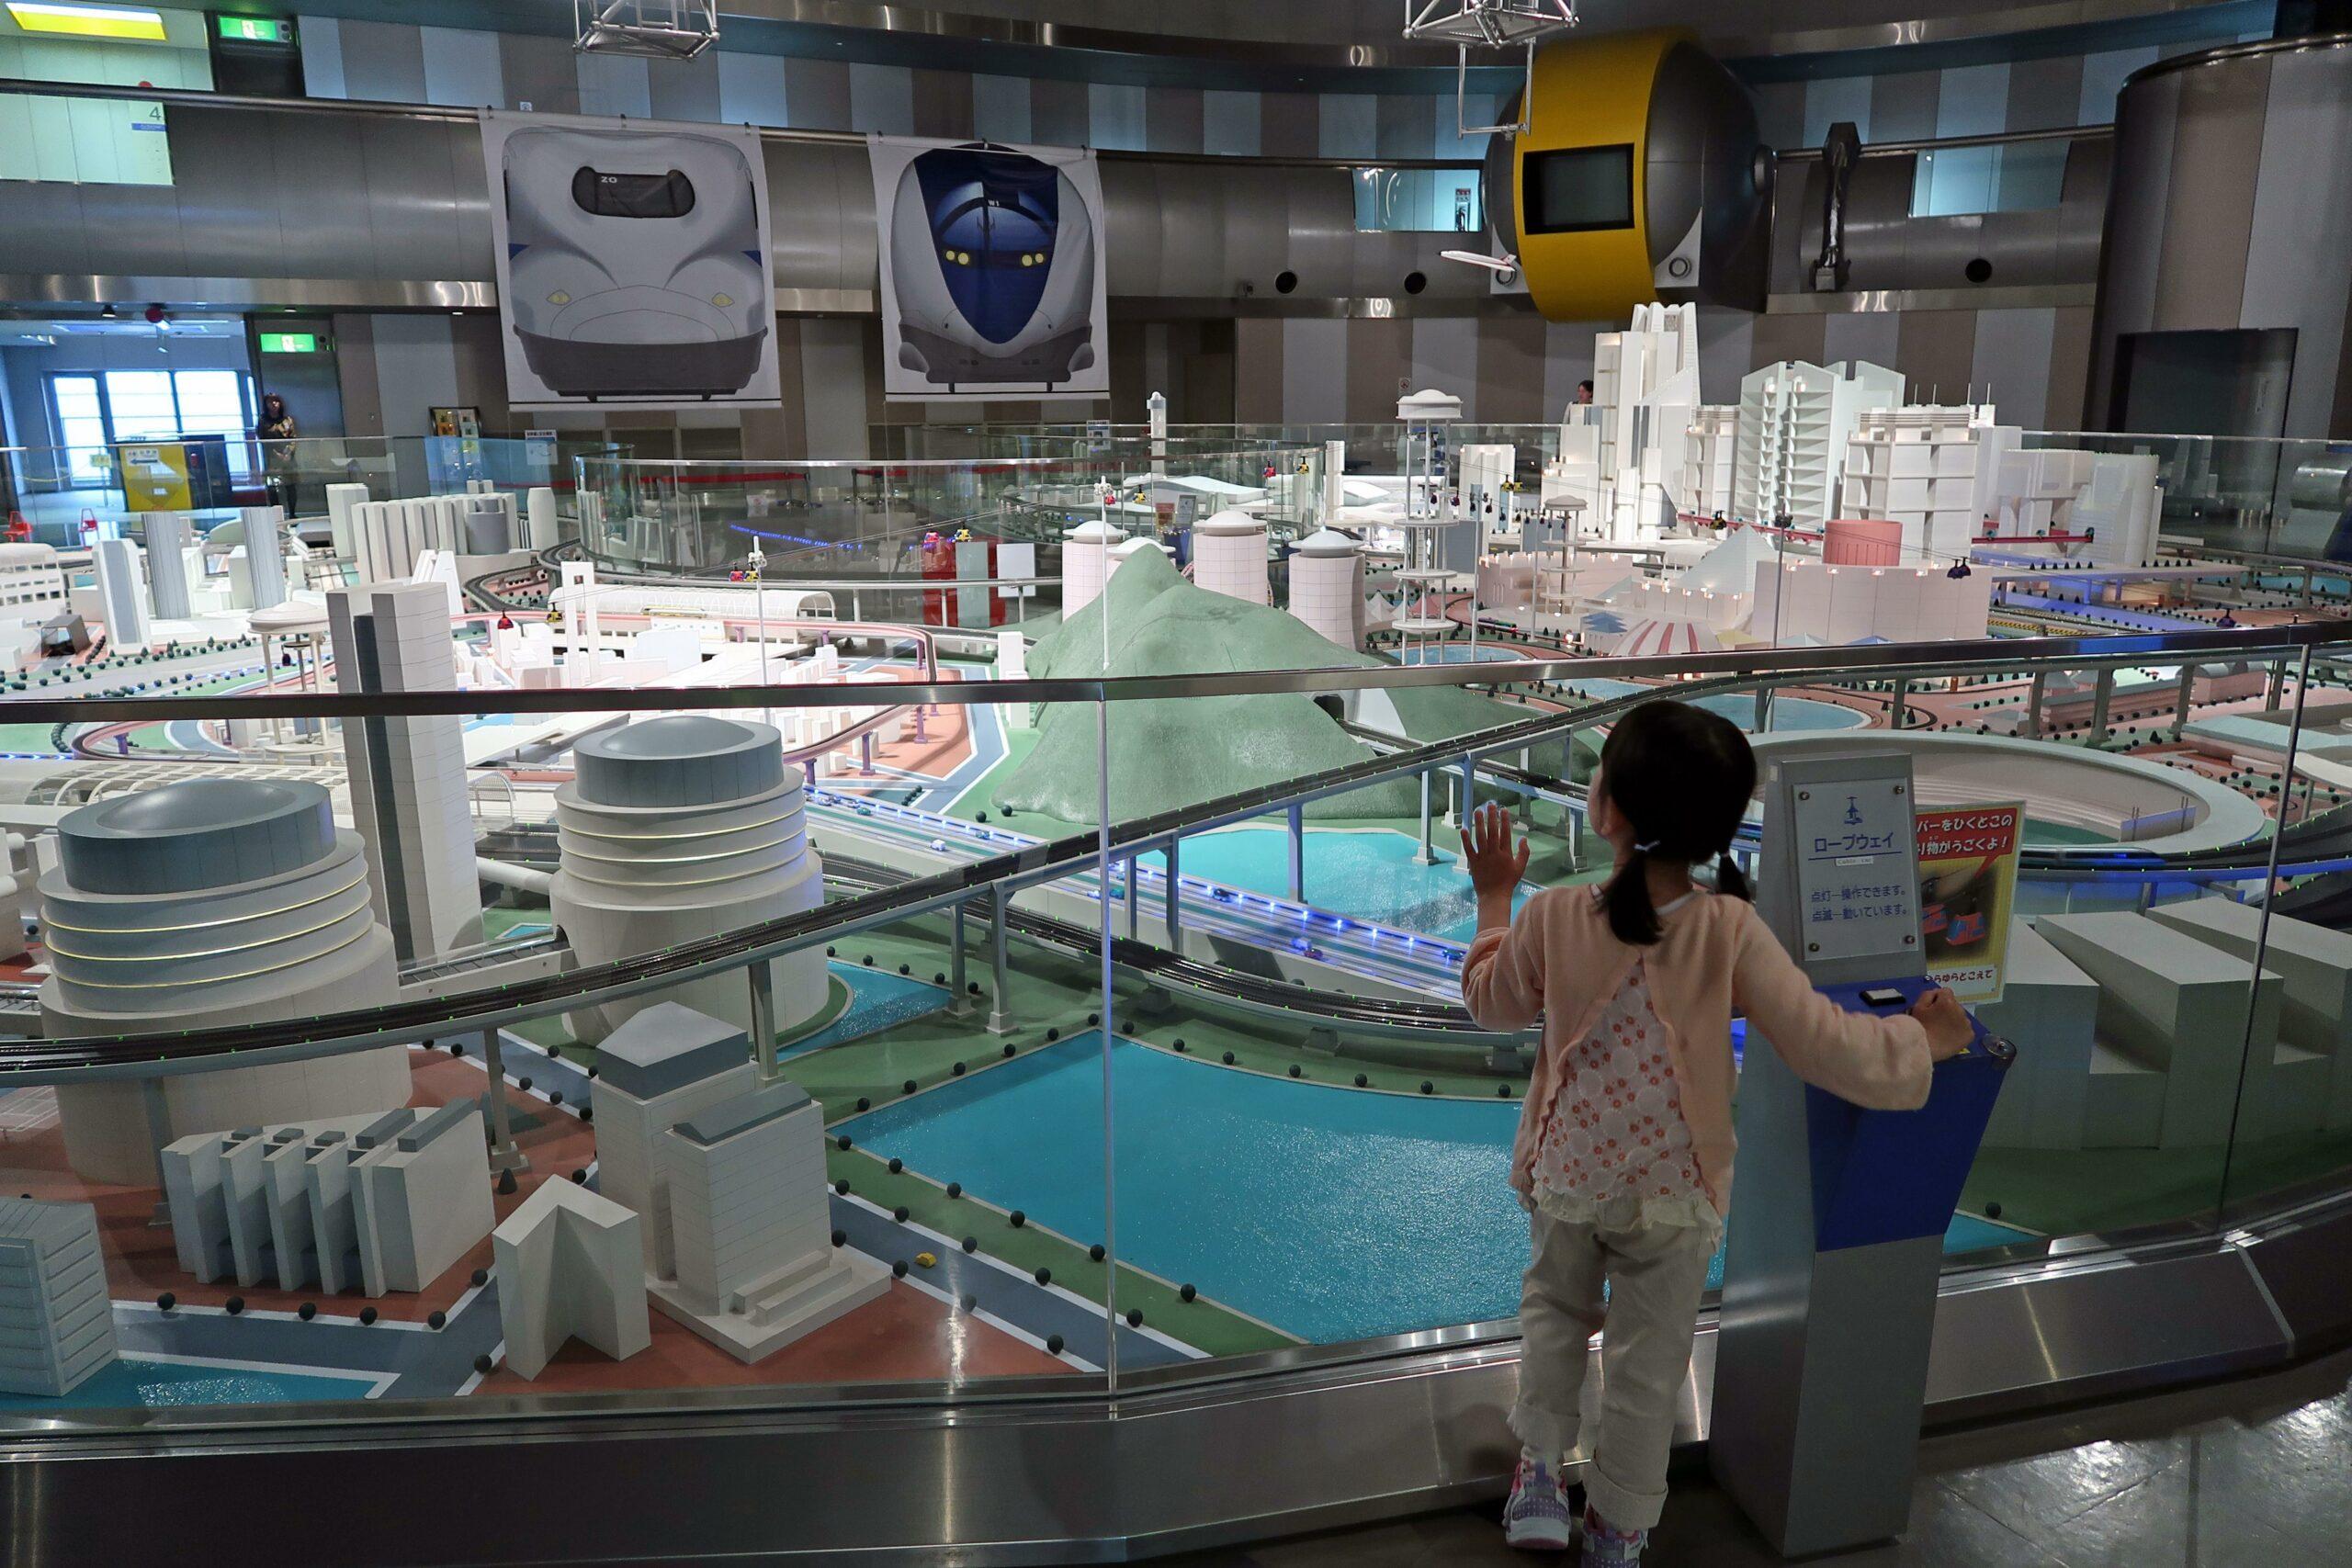 ヌマジ交通ミュージアム(広島市交通科学館)